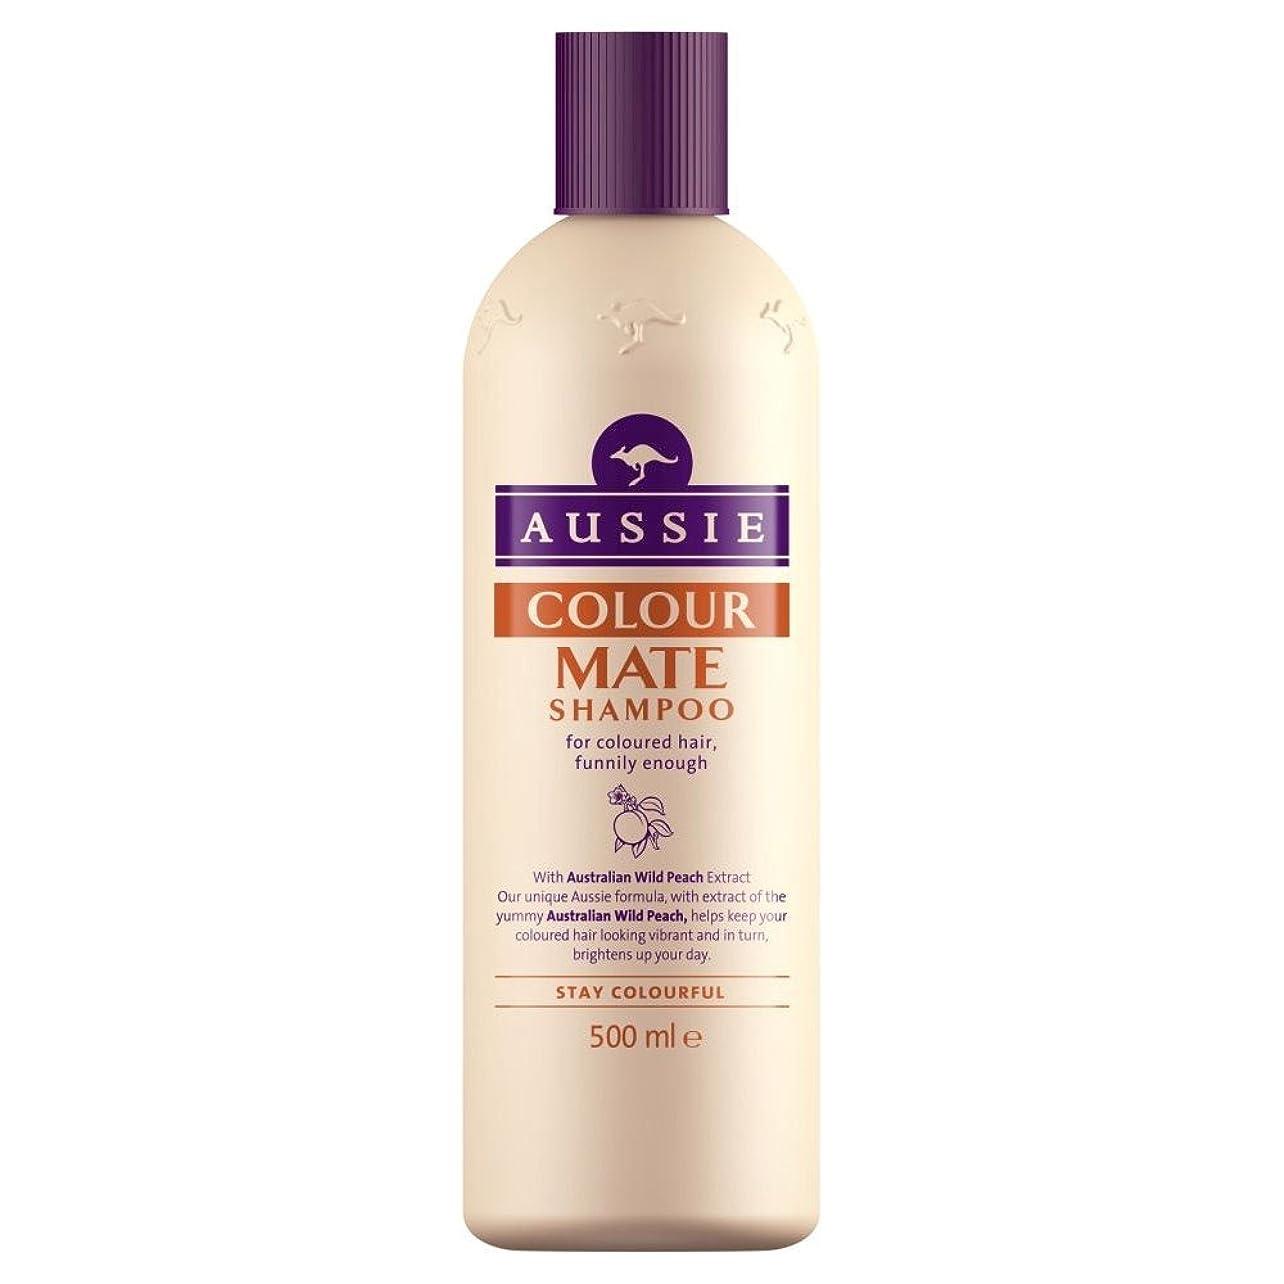 上レンド買い手Aussie Colour Mate Shampoo (500ml) オージーカラーメイトシャンプー( 500ミリリットル) [並行輸入品]